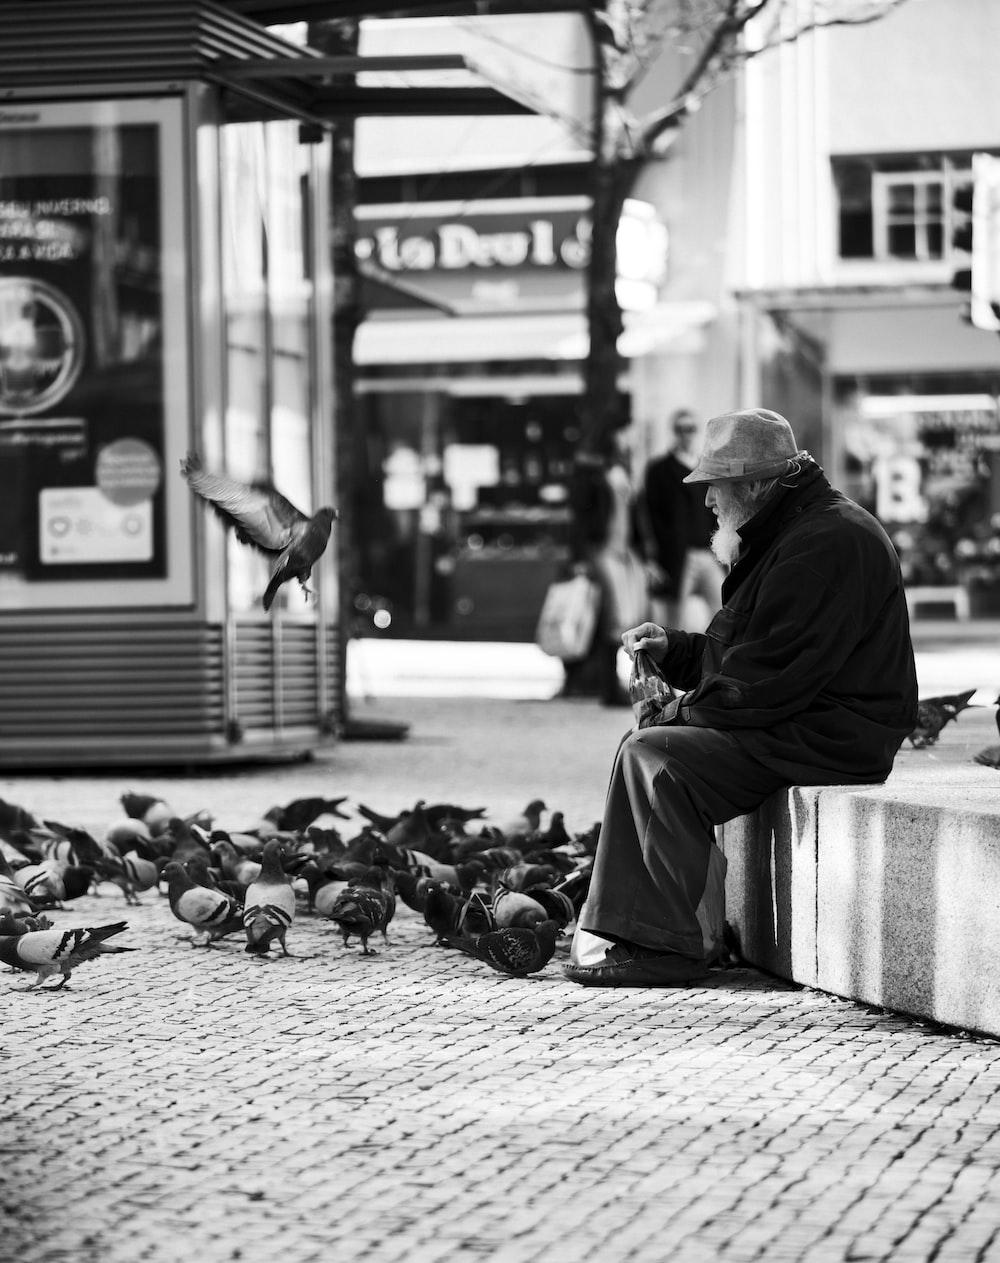 man sitting and feeding birds